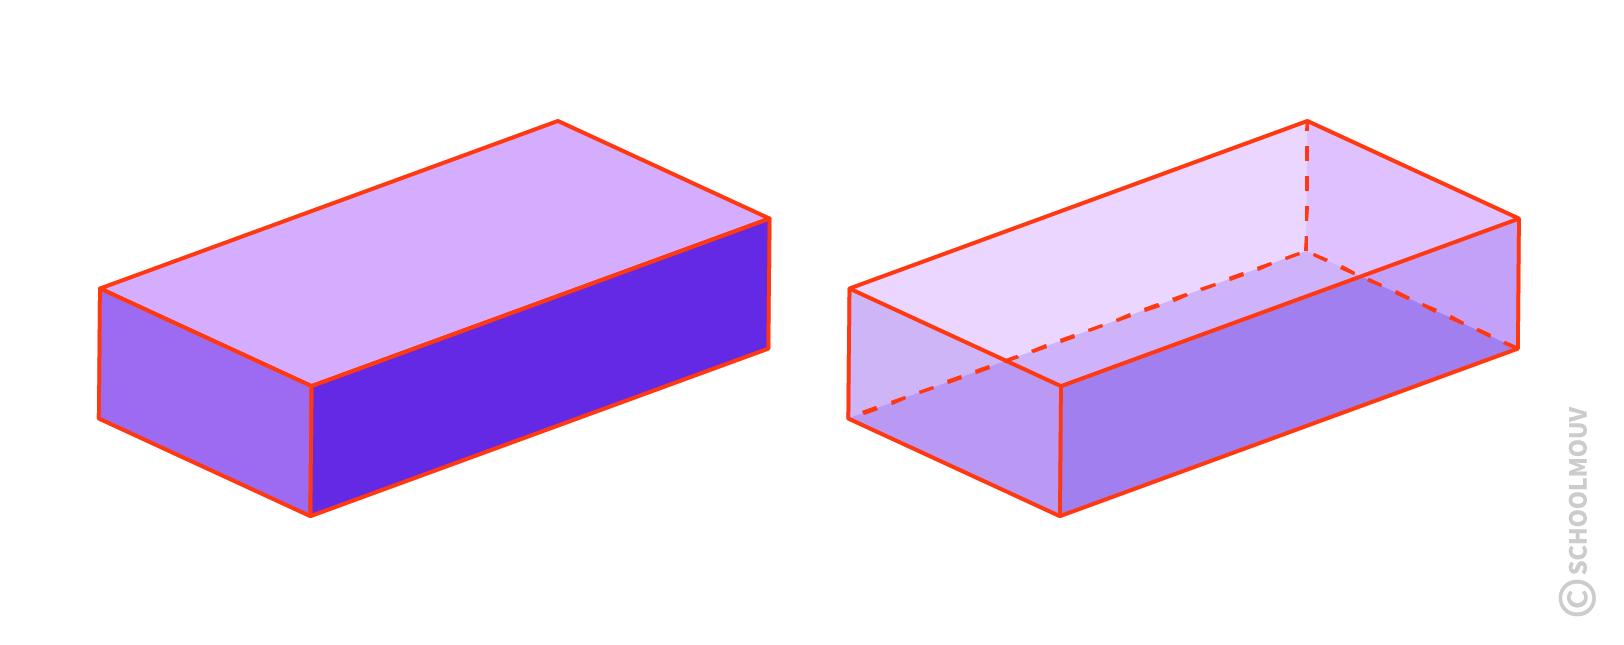 Pavé droit - Coupe transversale - Polyèdre - Solide - Géométrie - SchoolMouv - Maths - CE1